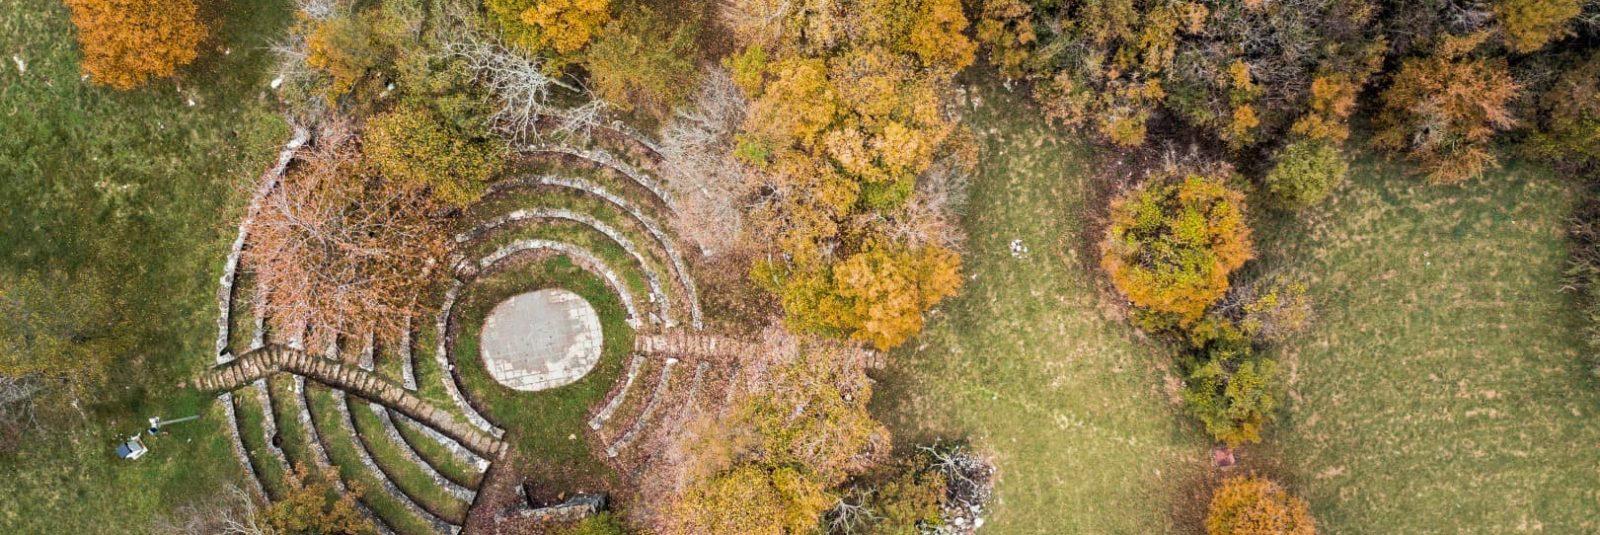 Amfiteatar_mg__zelenija_obrada-min